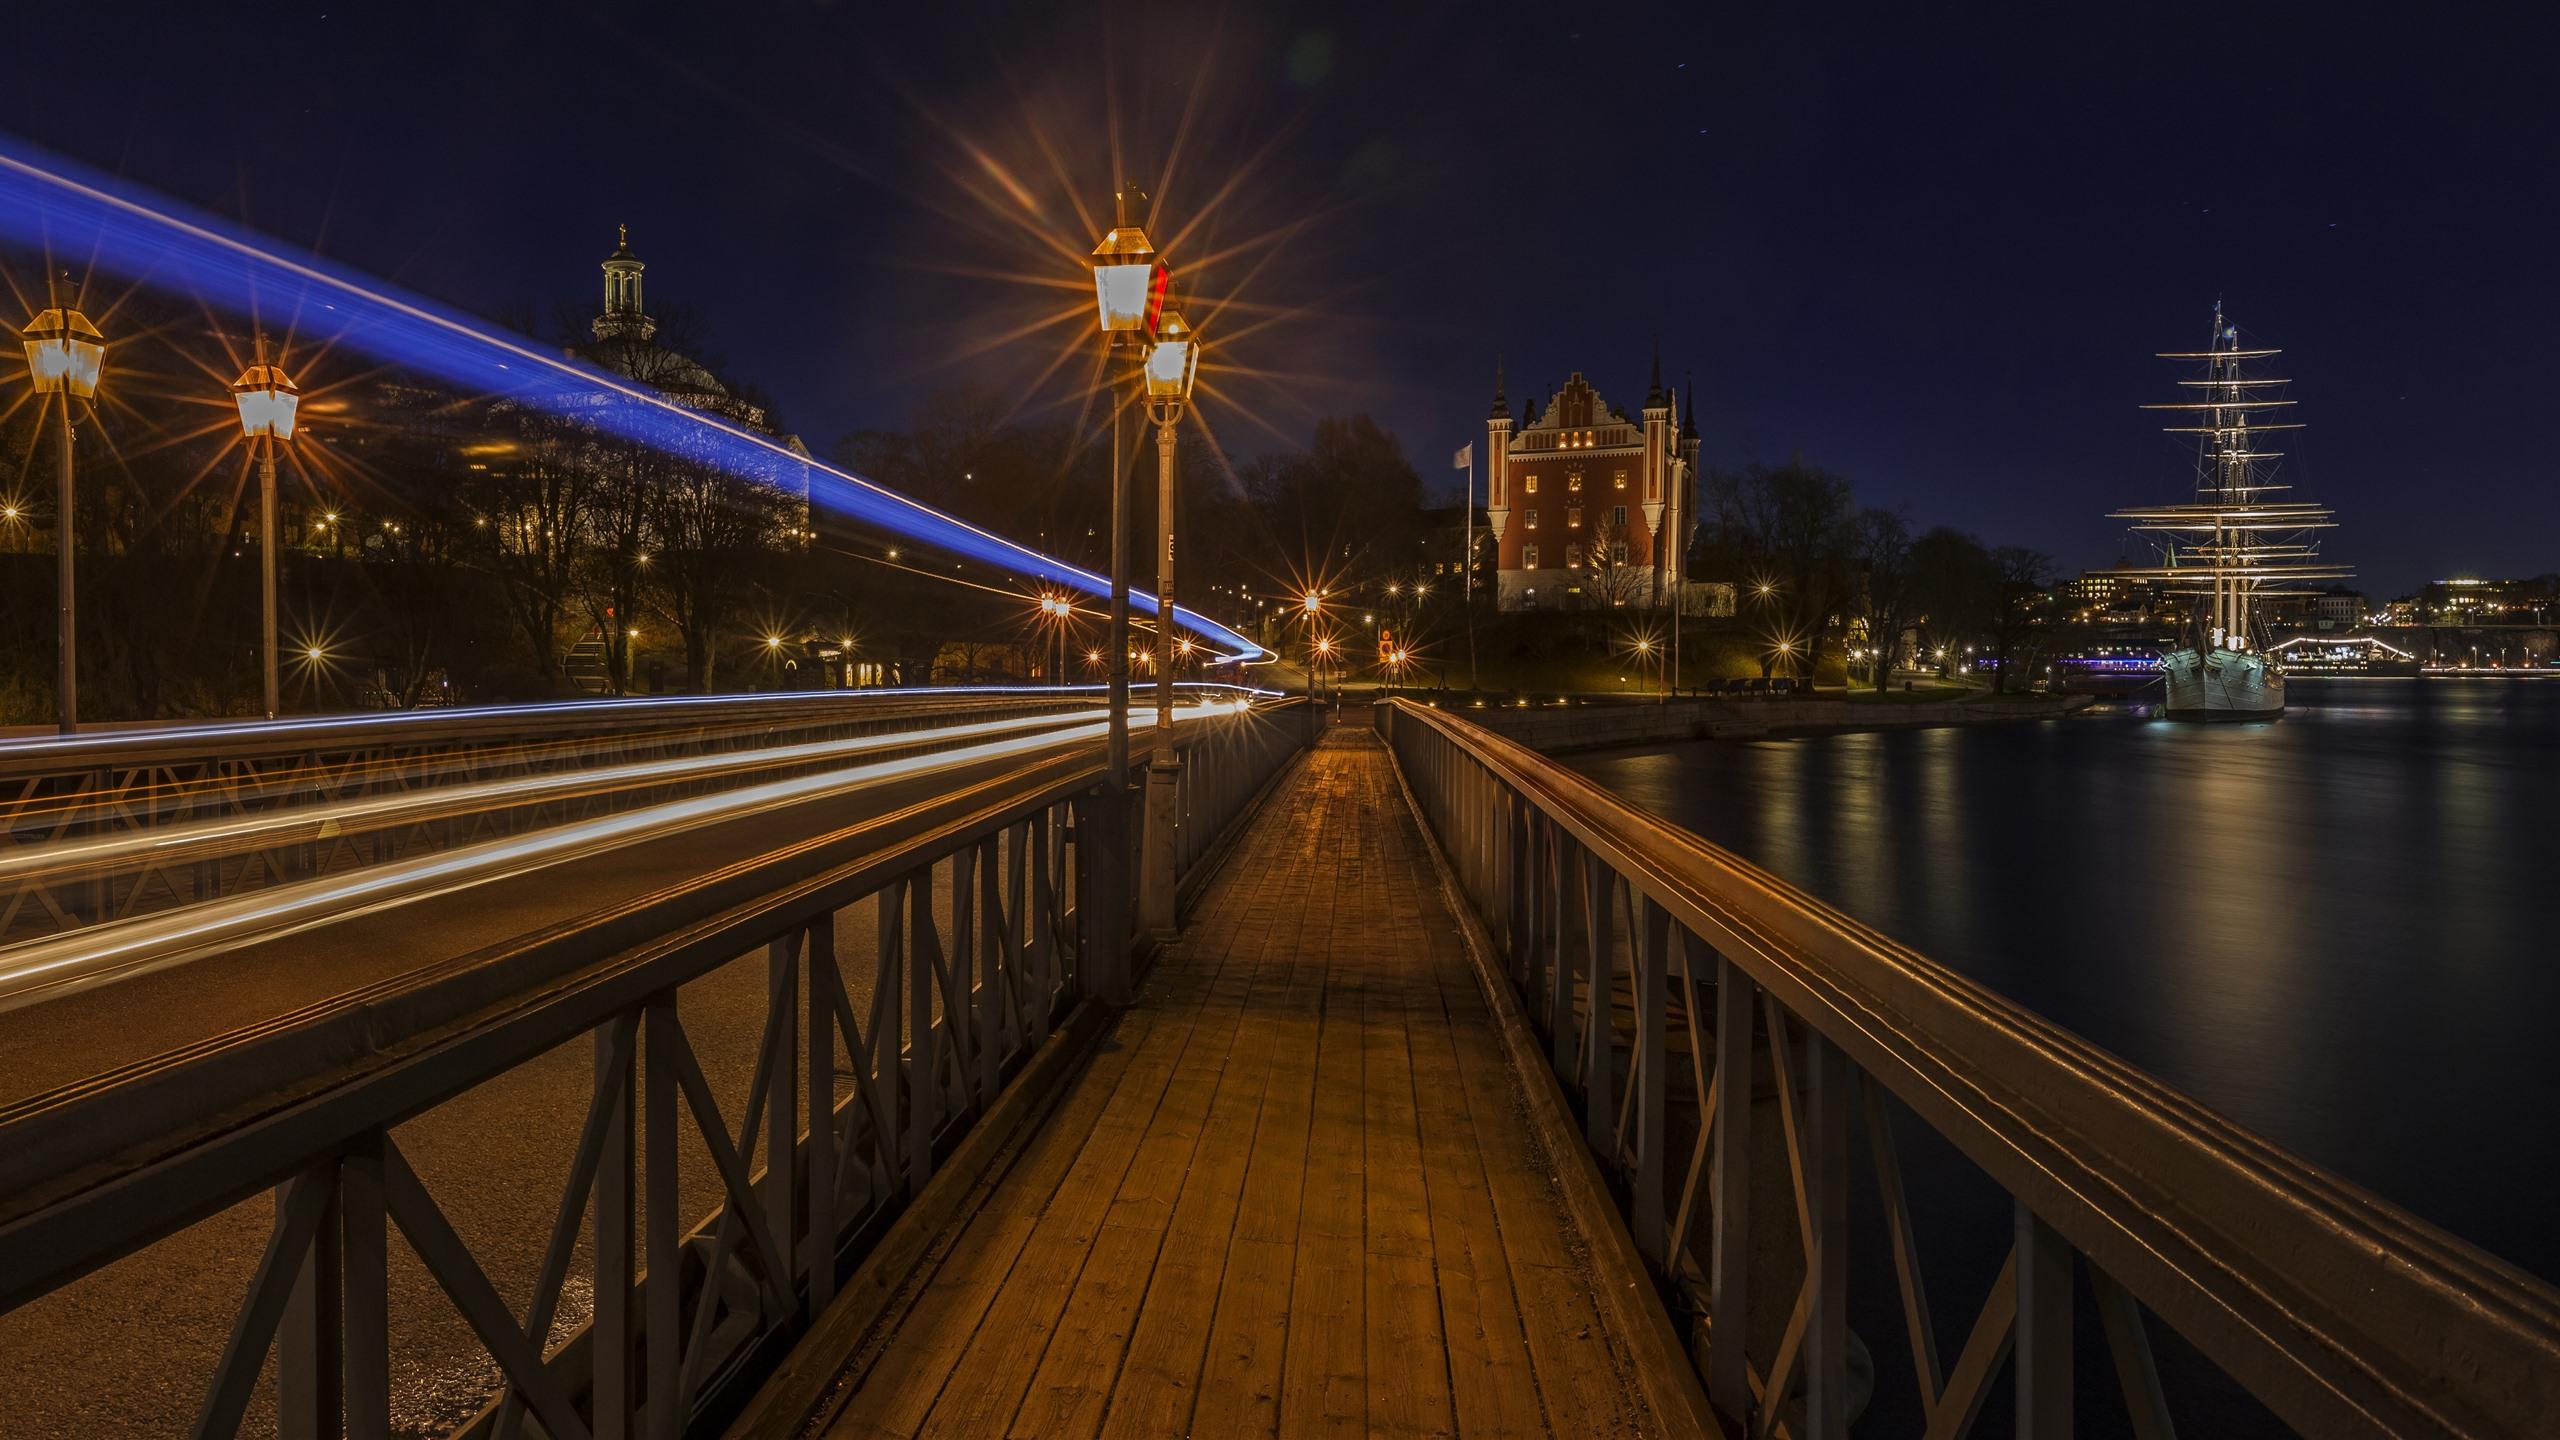 Stockholm Sweden Night City Lights River Bridge